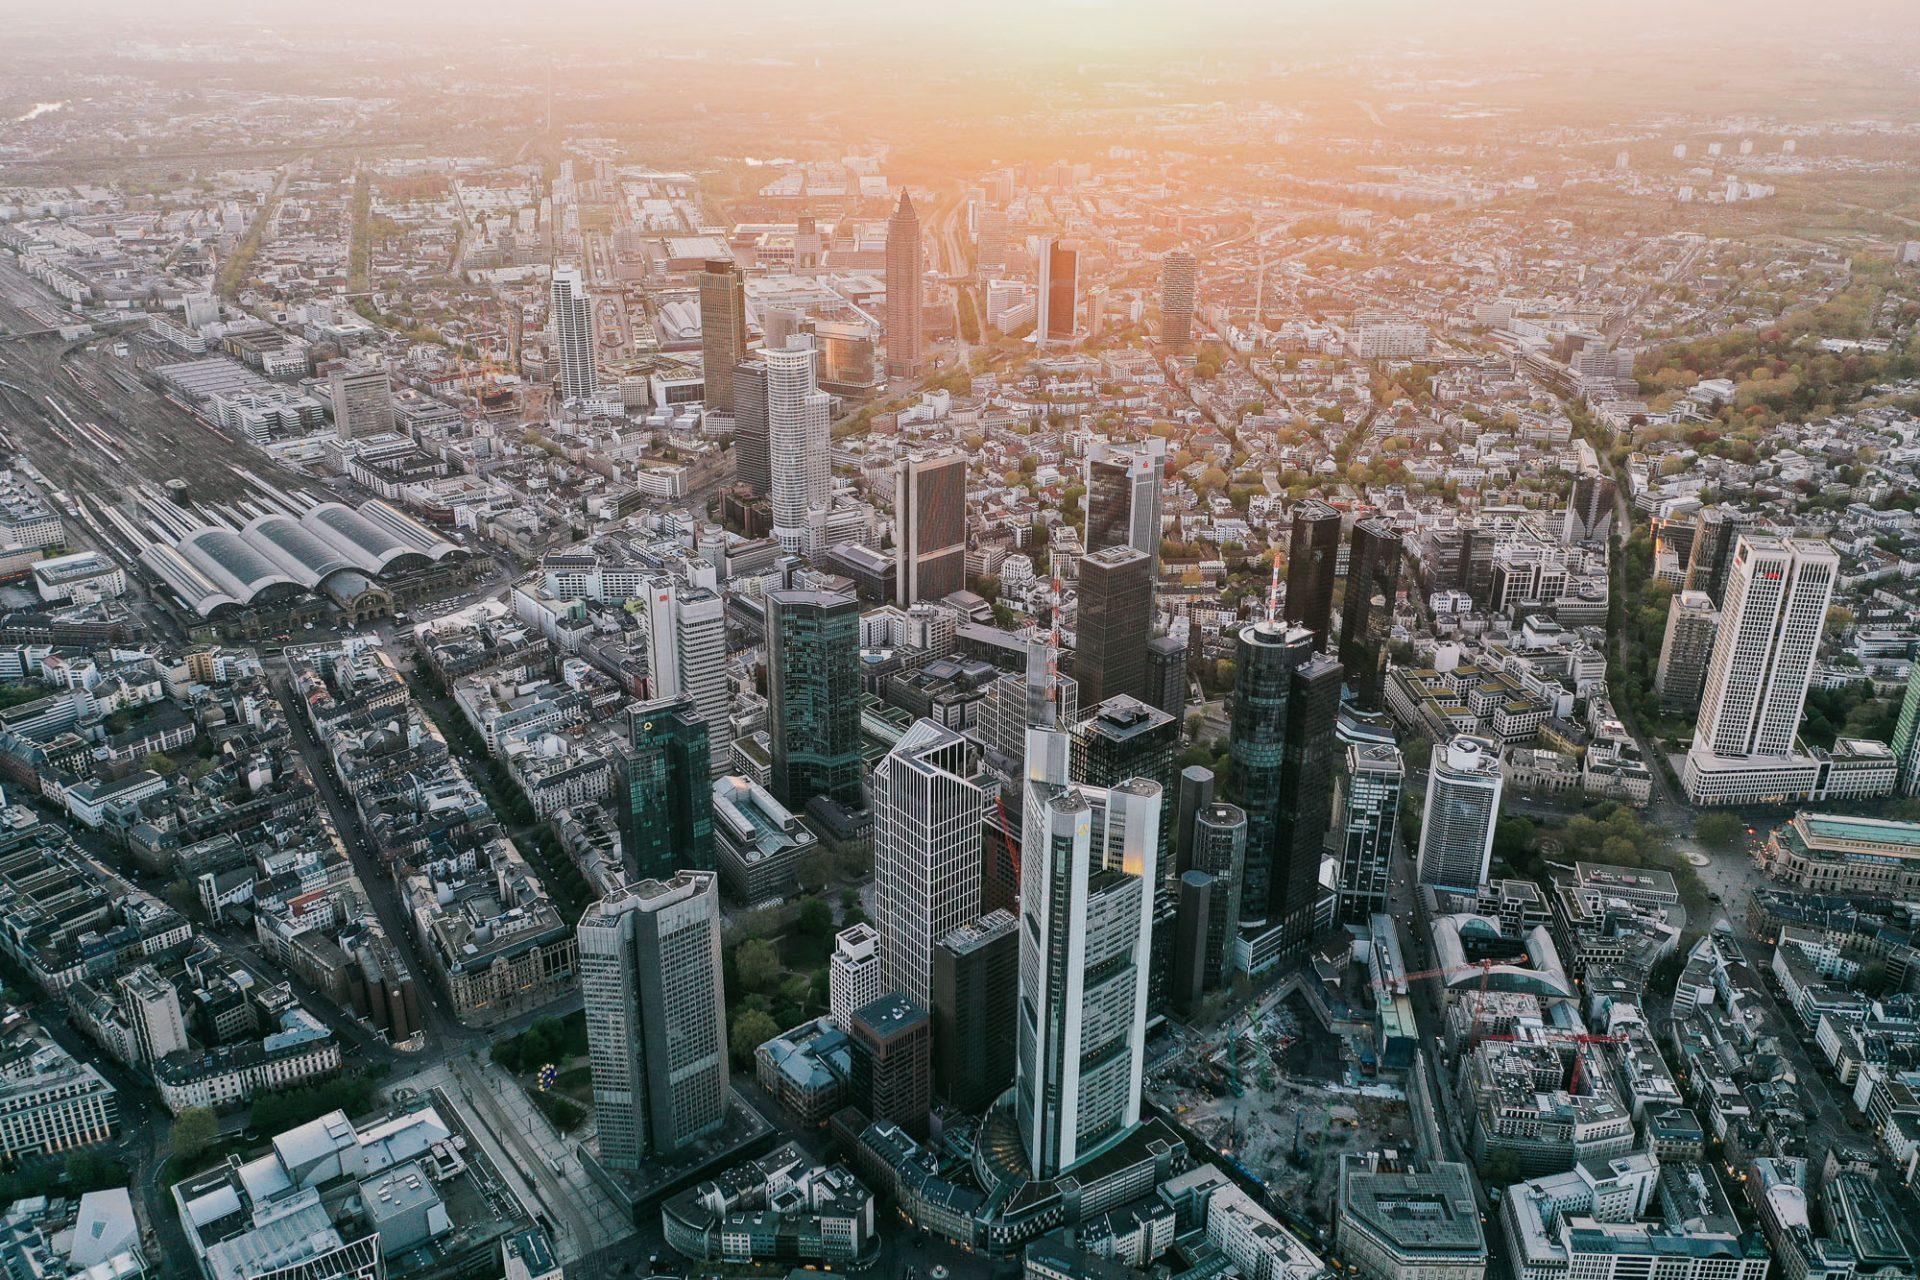 Drohnenpilot für Drohnenaufnahmen in Frankfurt ©Lukas